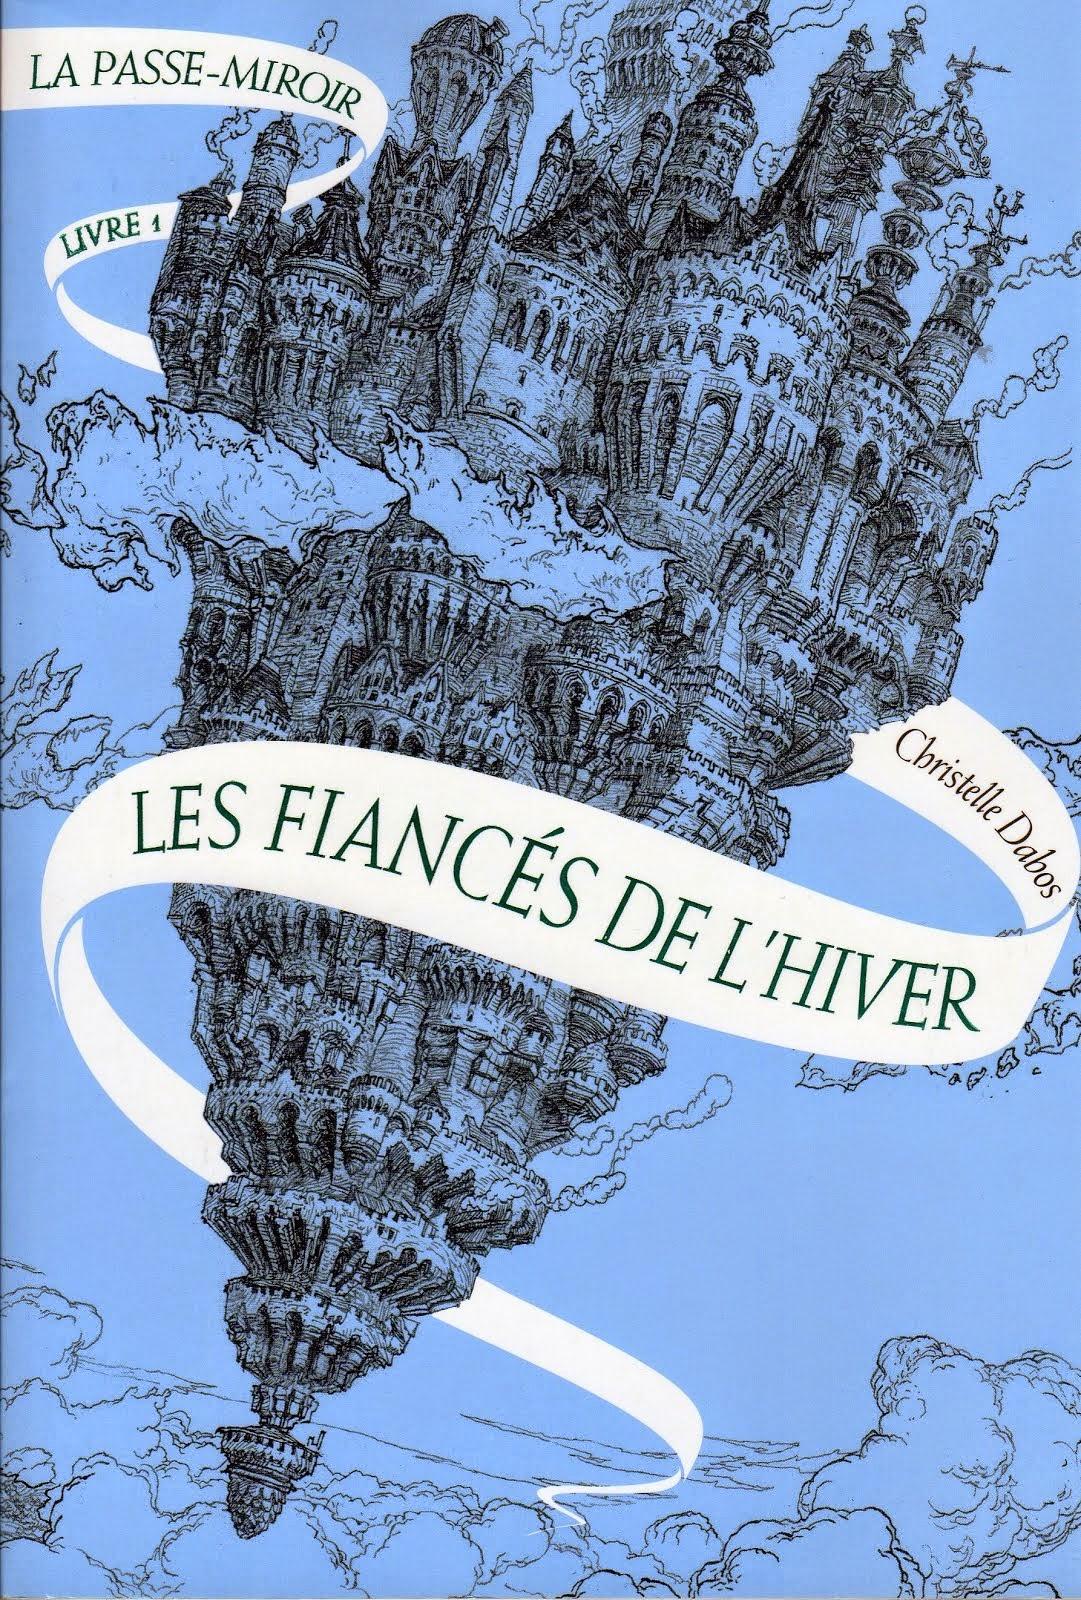 Les lectures de fann la passe miroir livre 1 les fianc s for Meurtre en miroir